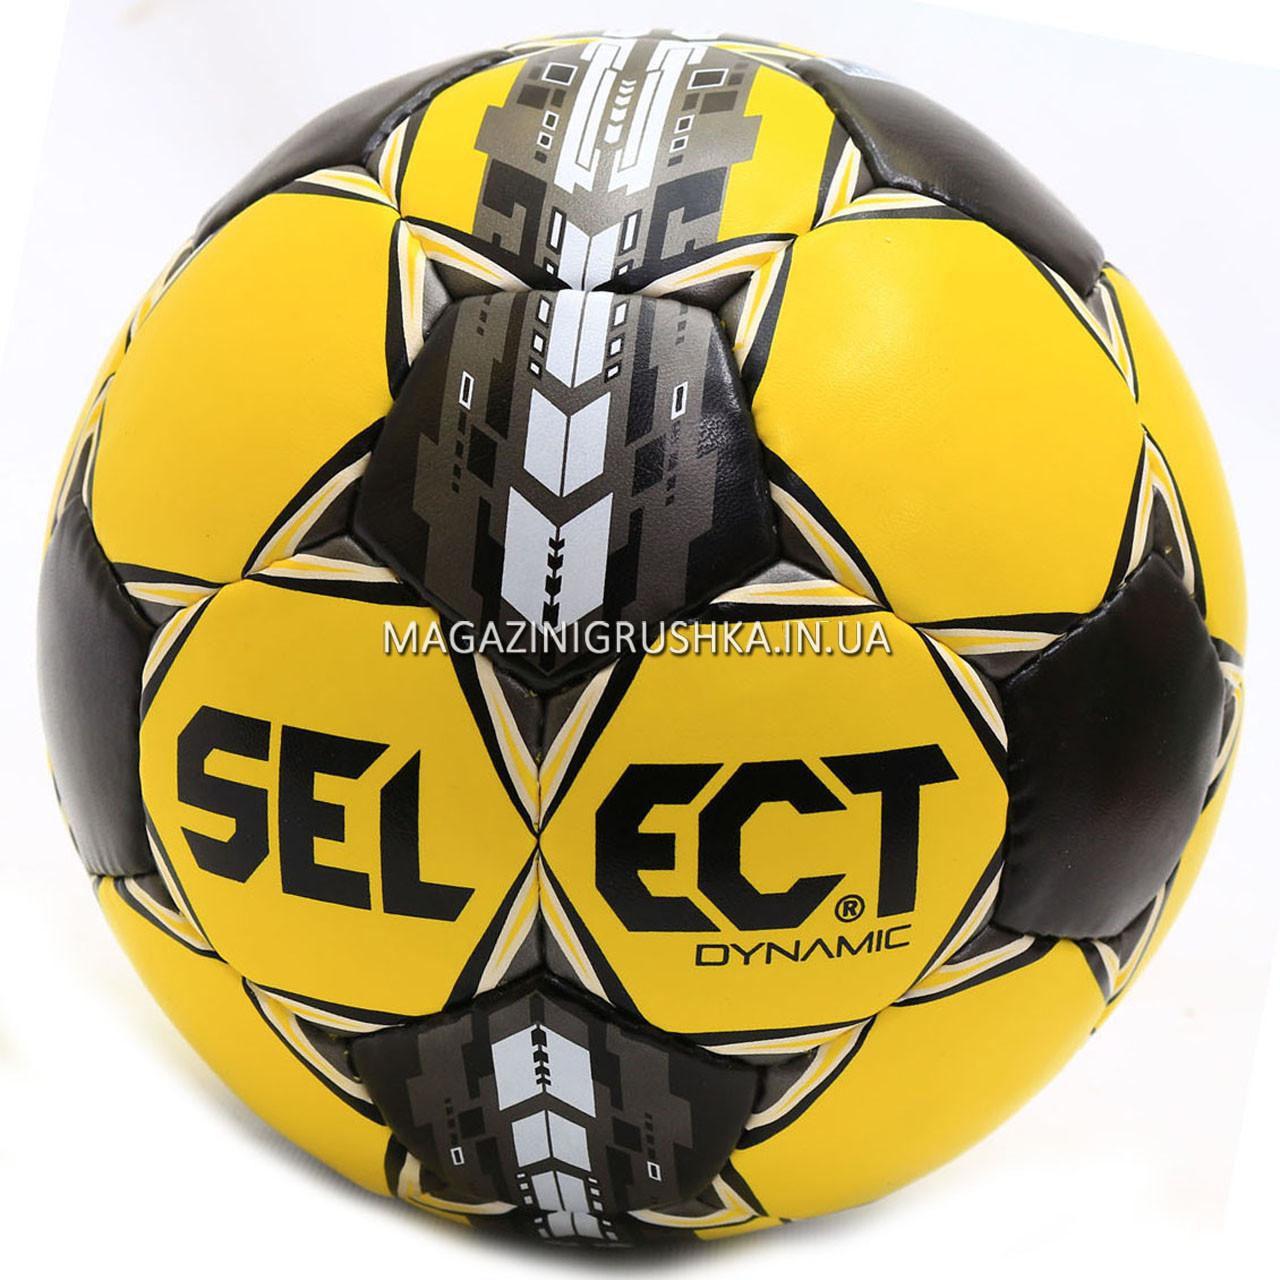 Мяч футбольный SELECT Dynamic желто-черный